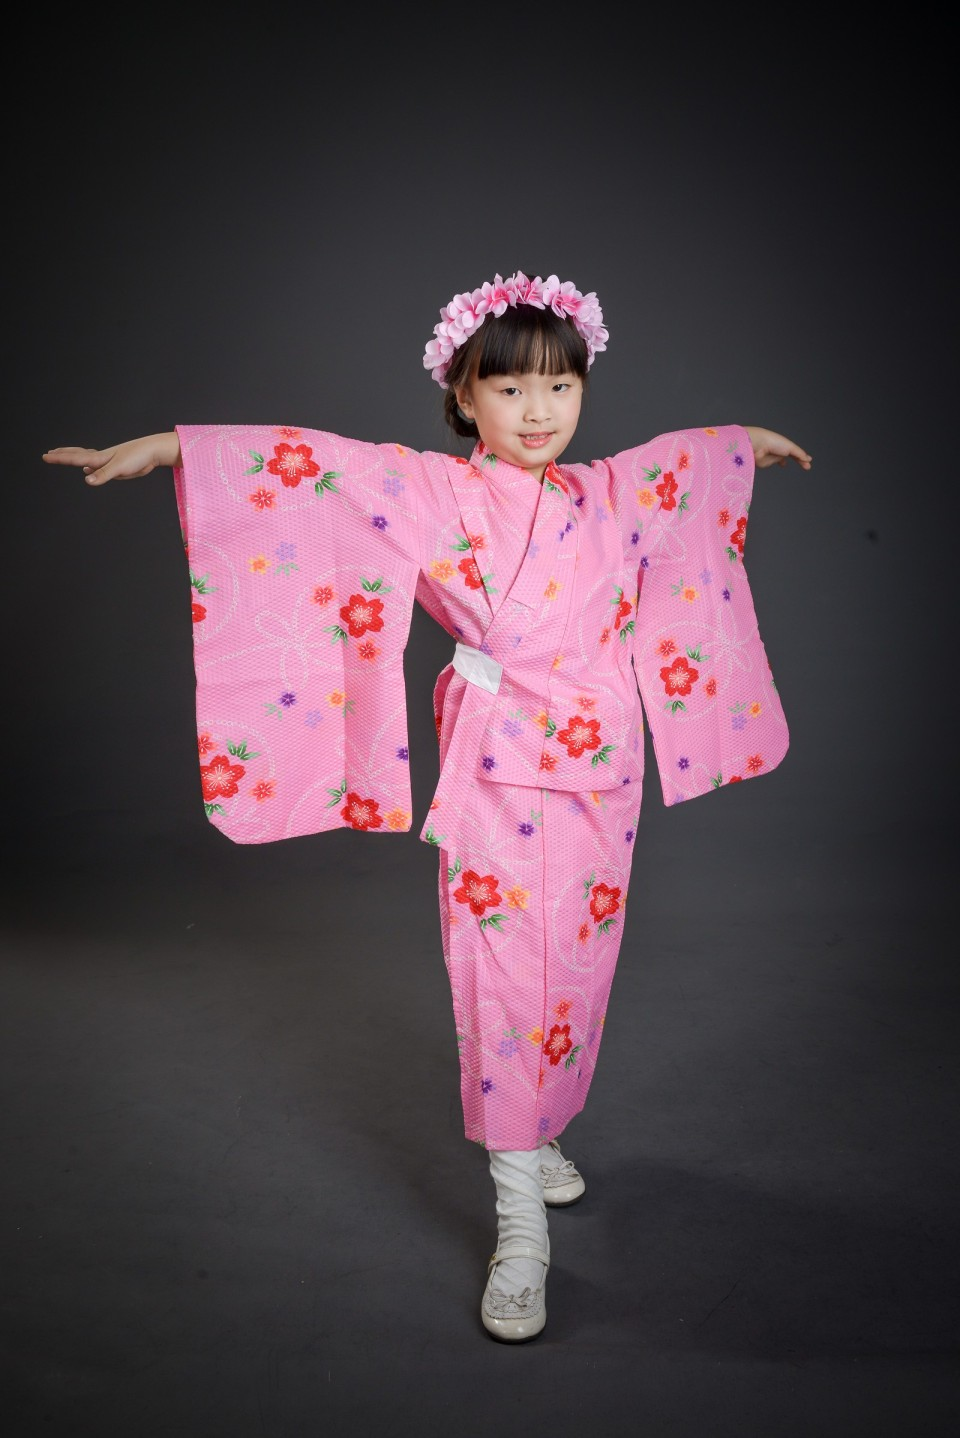 兒童寫真,兒童攝影,婚紗攝影師,自助婚紗,bb32